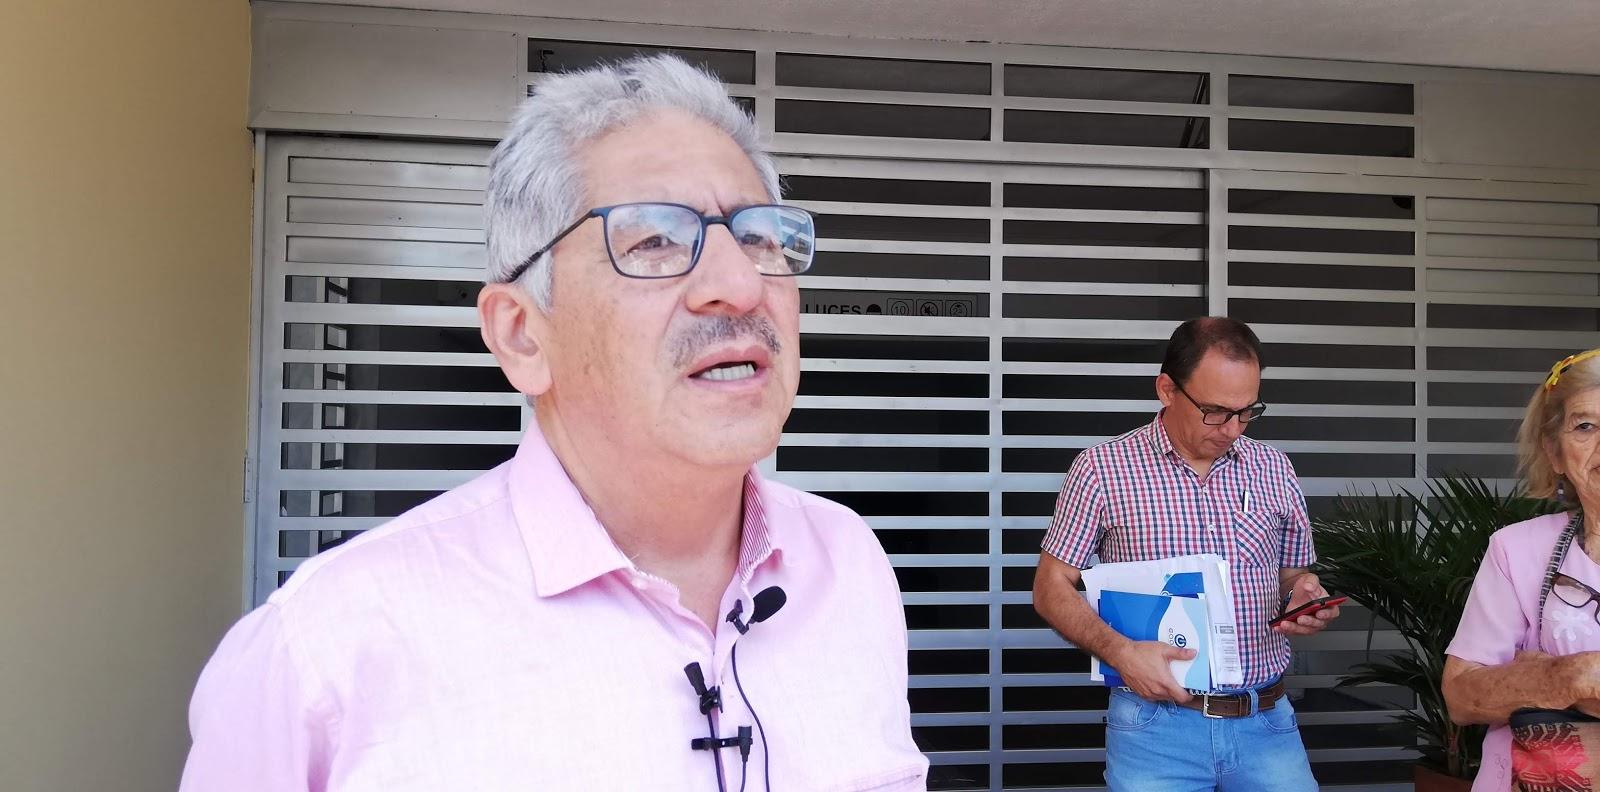 el gerente Óscar Parra Erazo deja el cargo para asumir un importante reto en su vida profesional